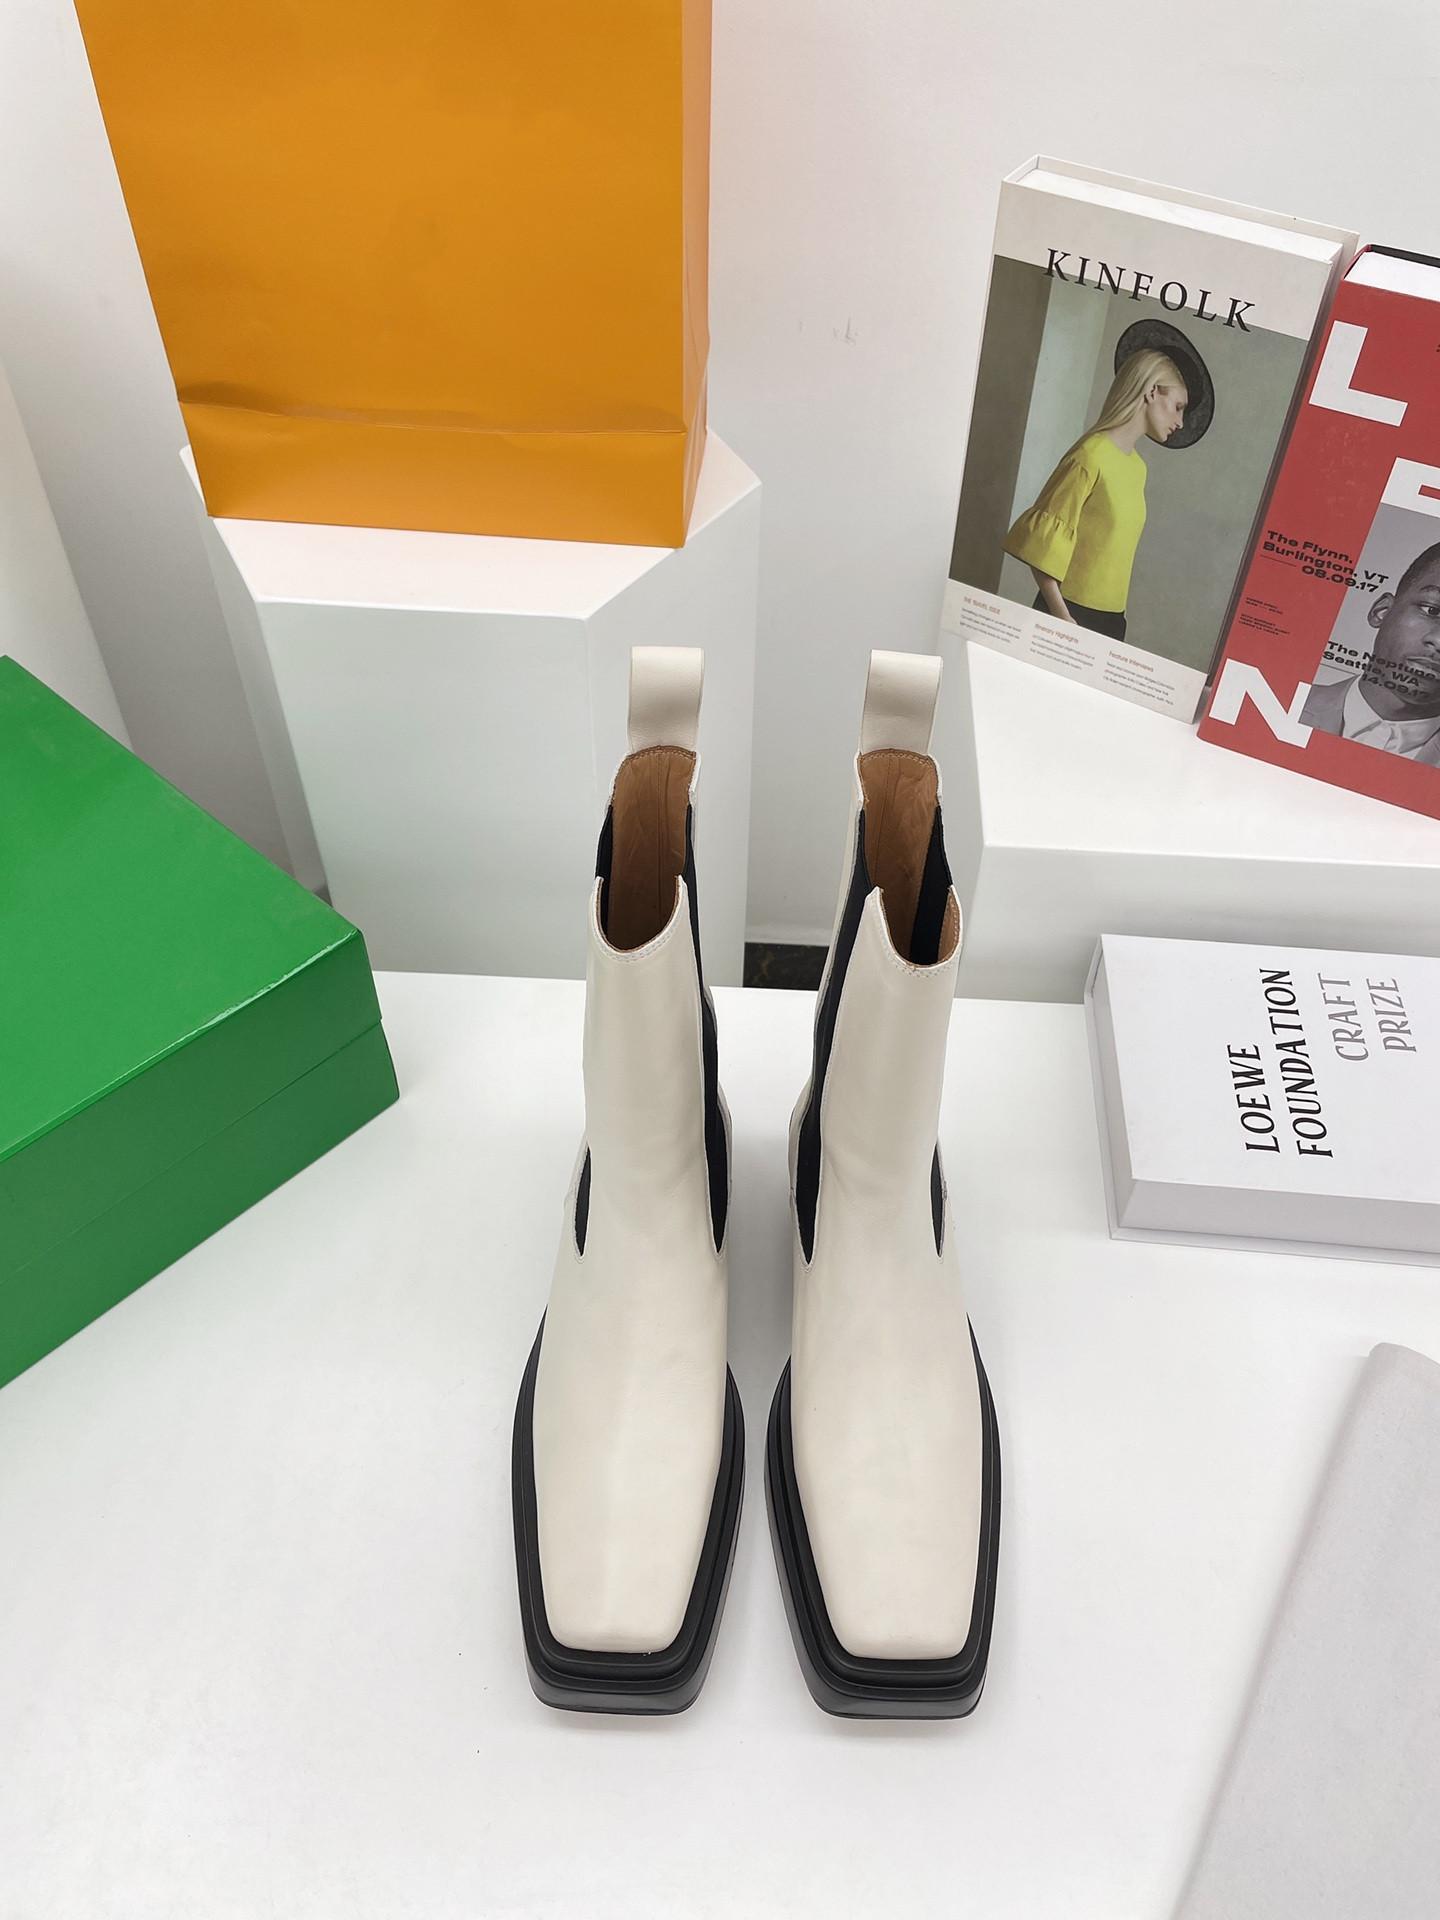 2021 مدرب الكلاسيكية قصيرة الأحذية مهرج مارتن طلب استيراد جلد الفارس الجملة باطن ناعمة ومريحة مع ارتفاع 4.5 سم الحجم 35 إلى 40